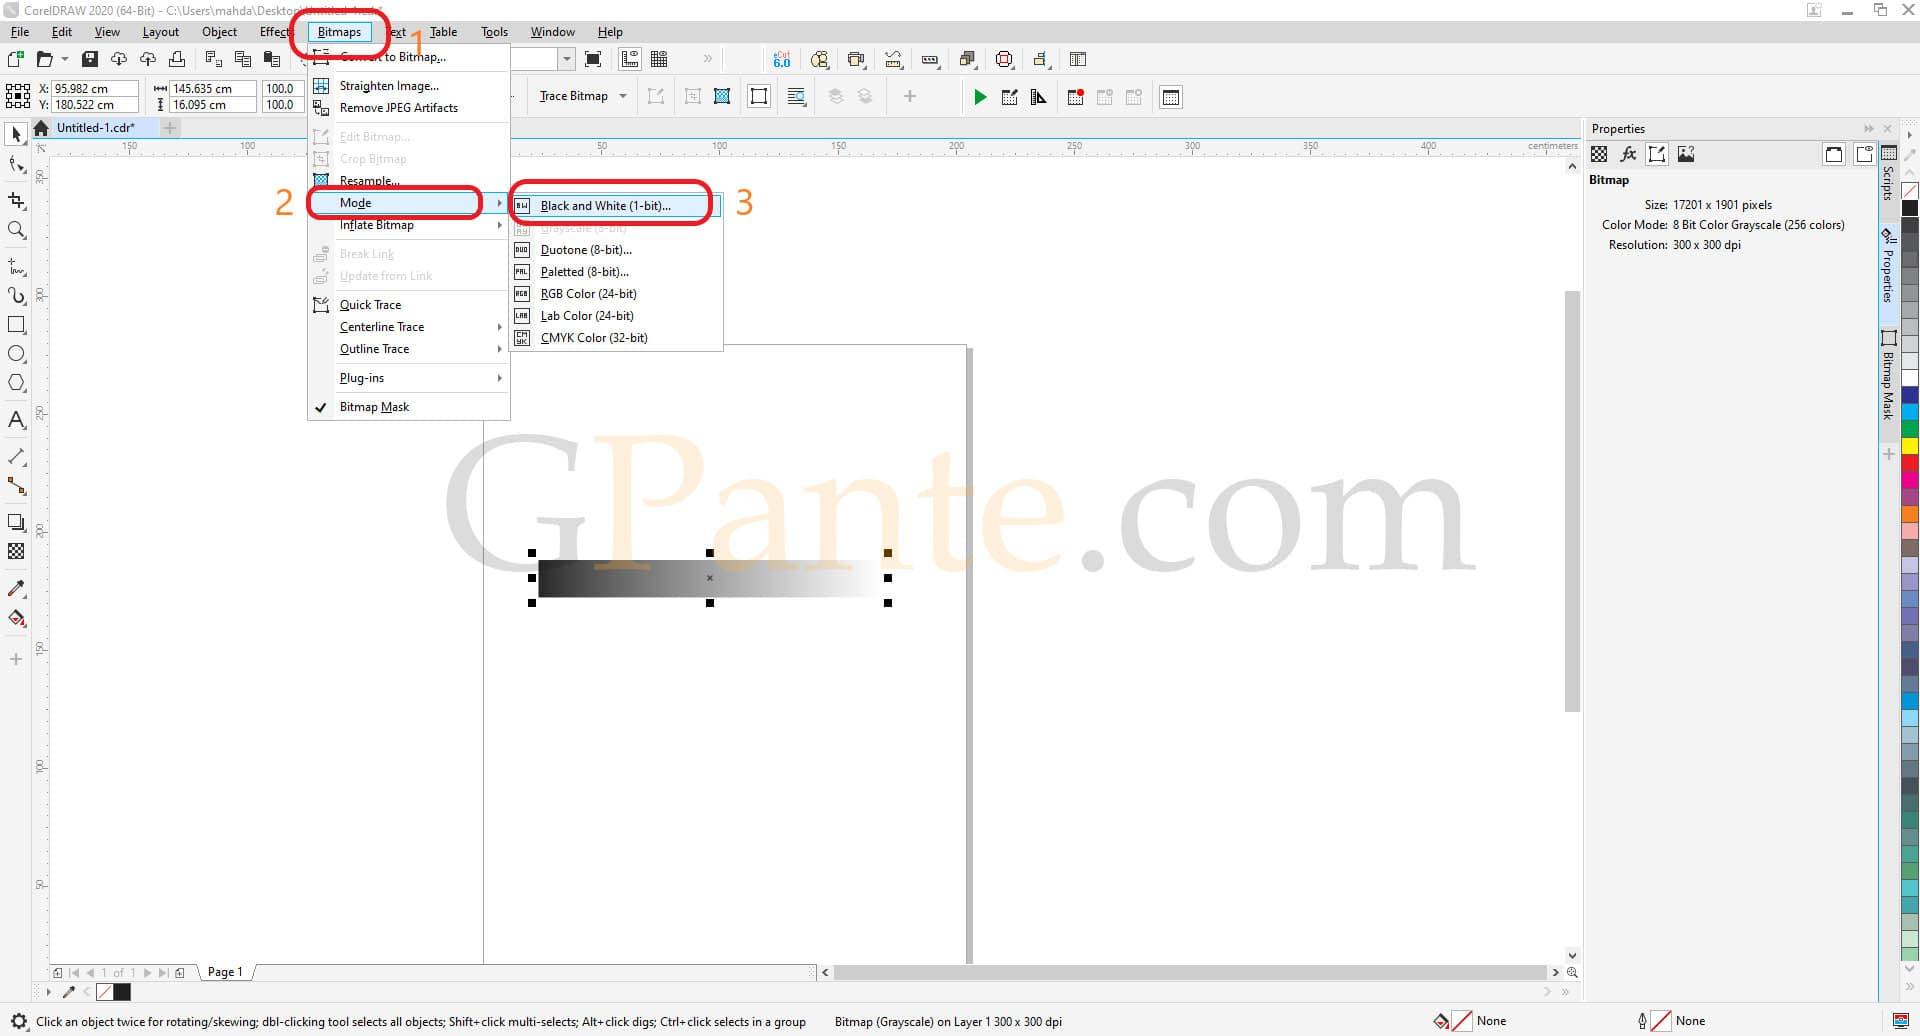 تبدیل فایل گردینت برای تست تنظیمات حکاکی